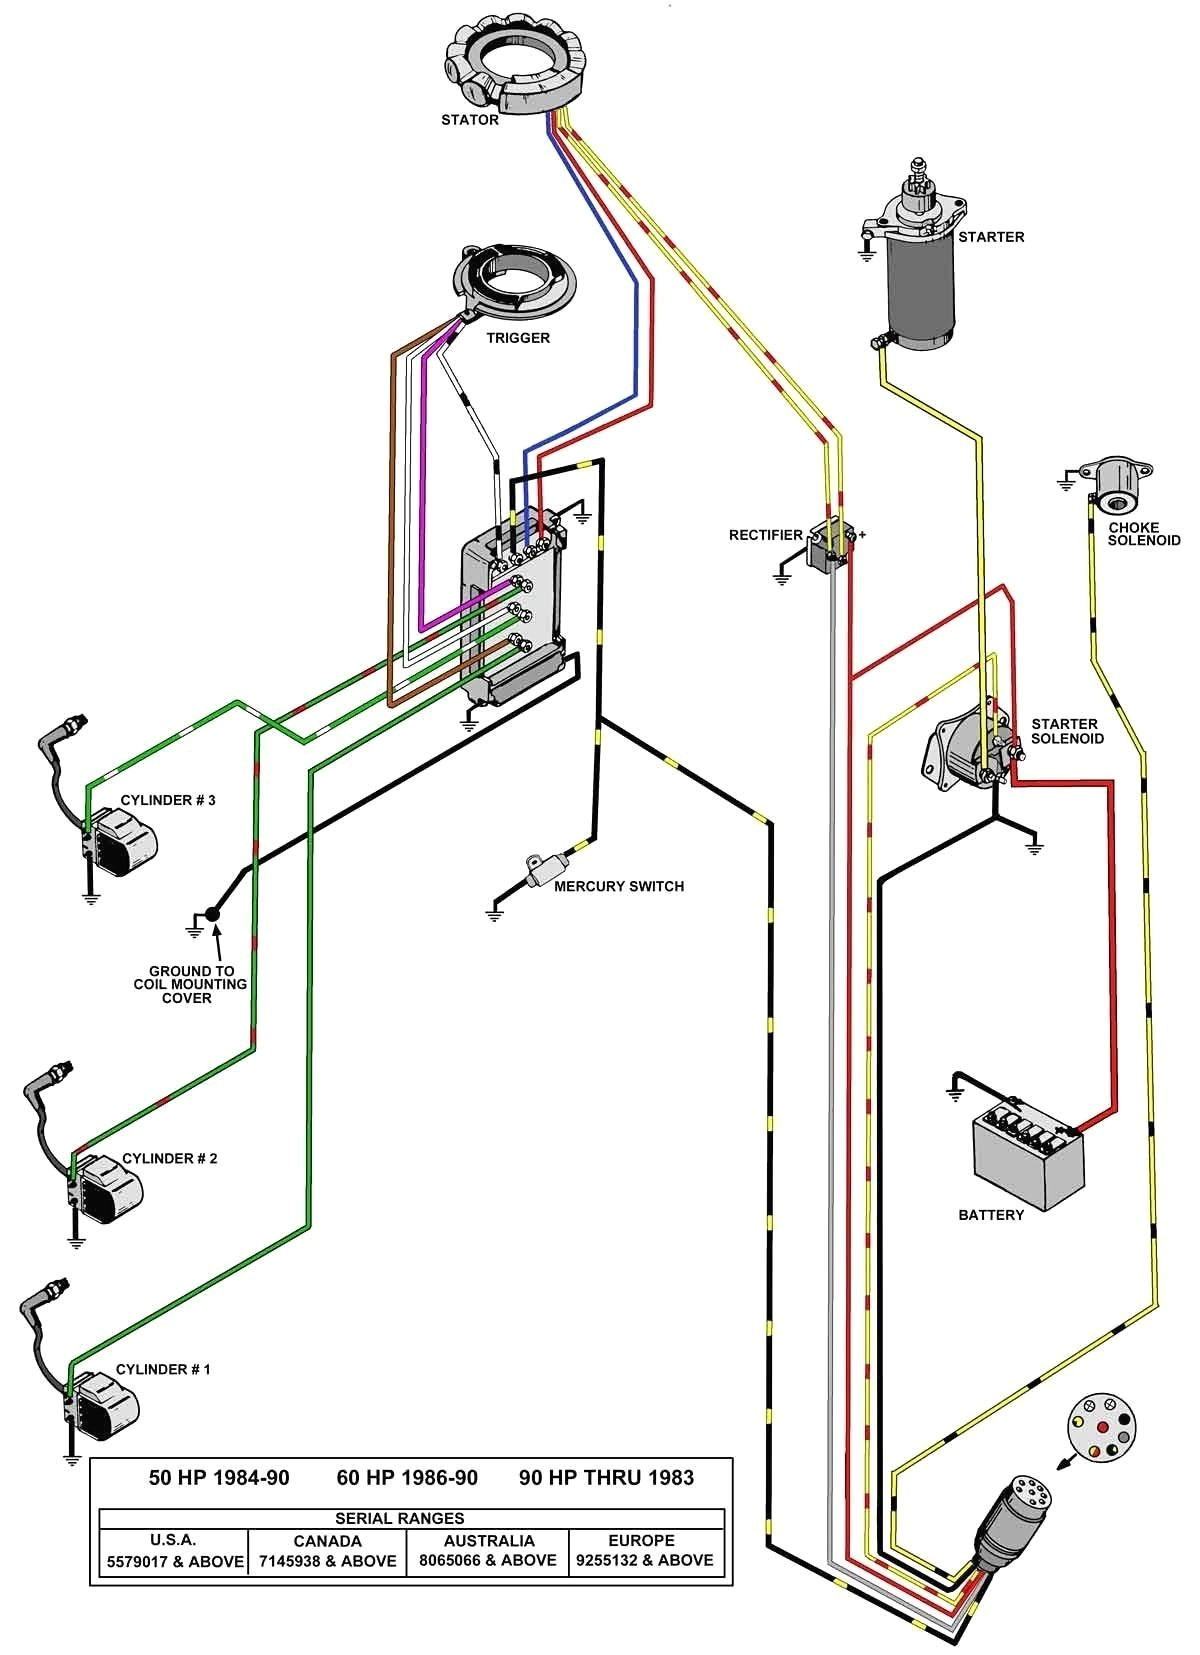 mercruiser solenoid diagram wiring diagram papertrim pump wiring diagram wiring diagram datasource mercruiser starter solenoid wiring